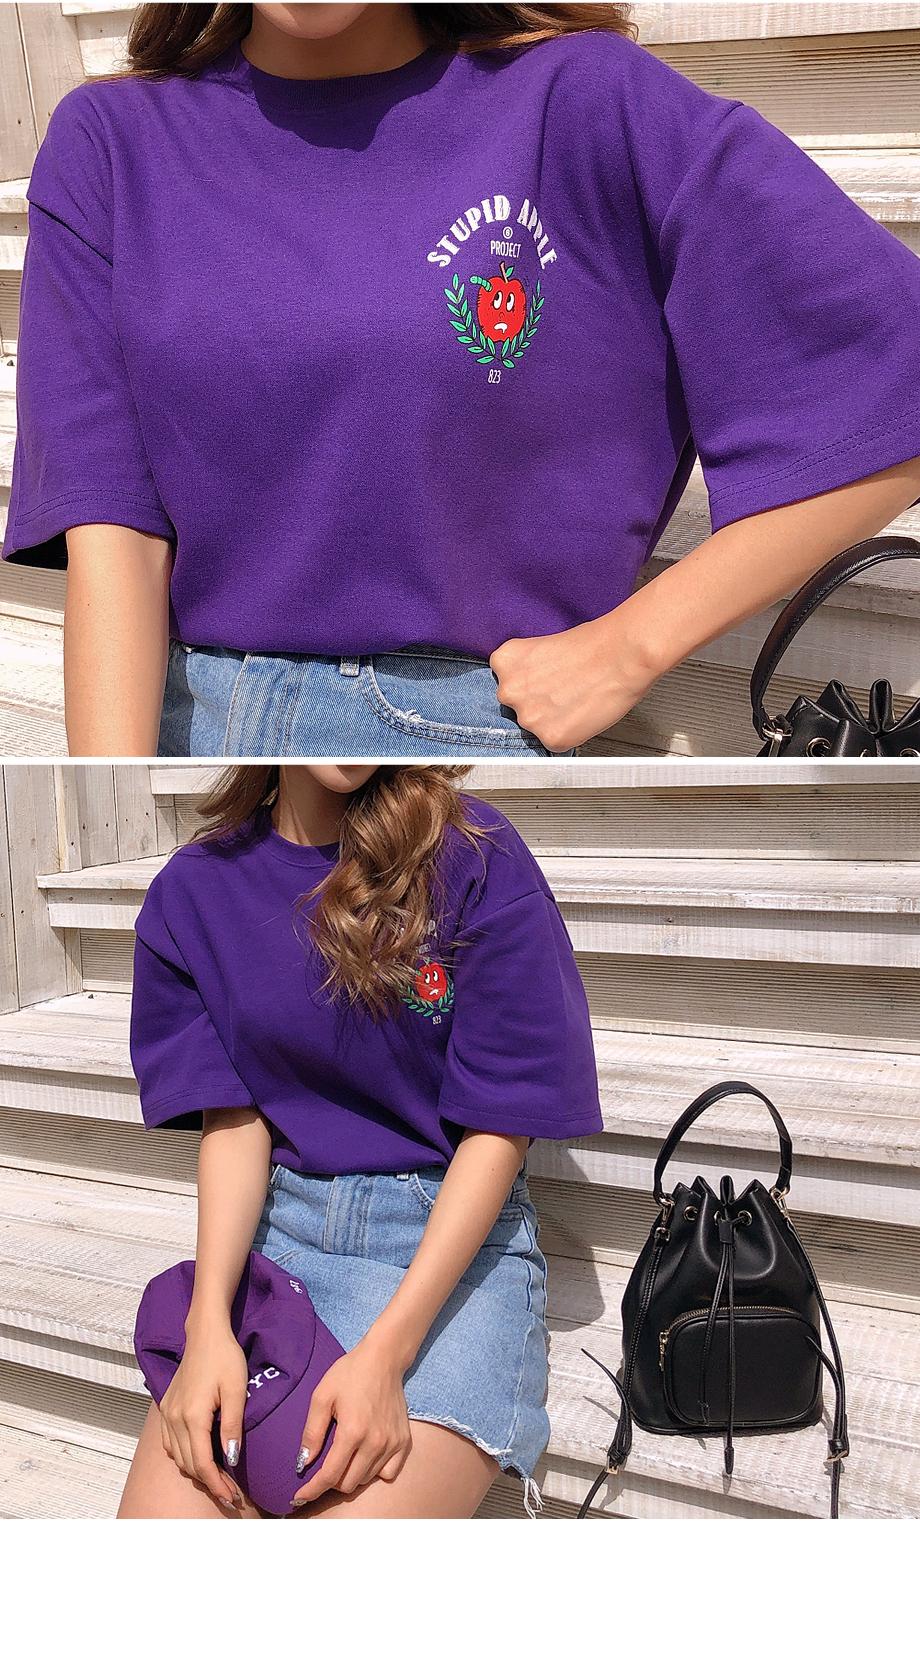 애플러브 프린팅 티셔츠